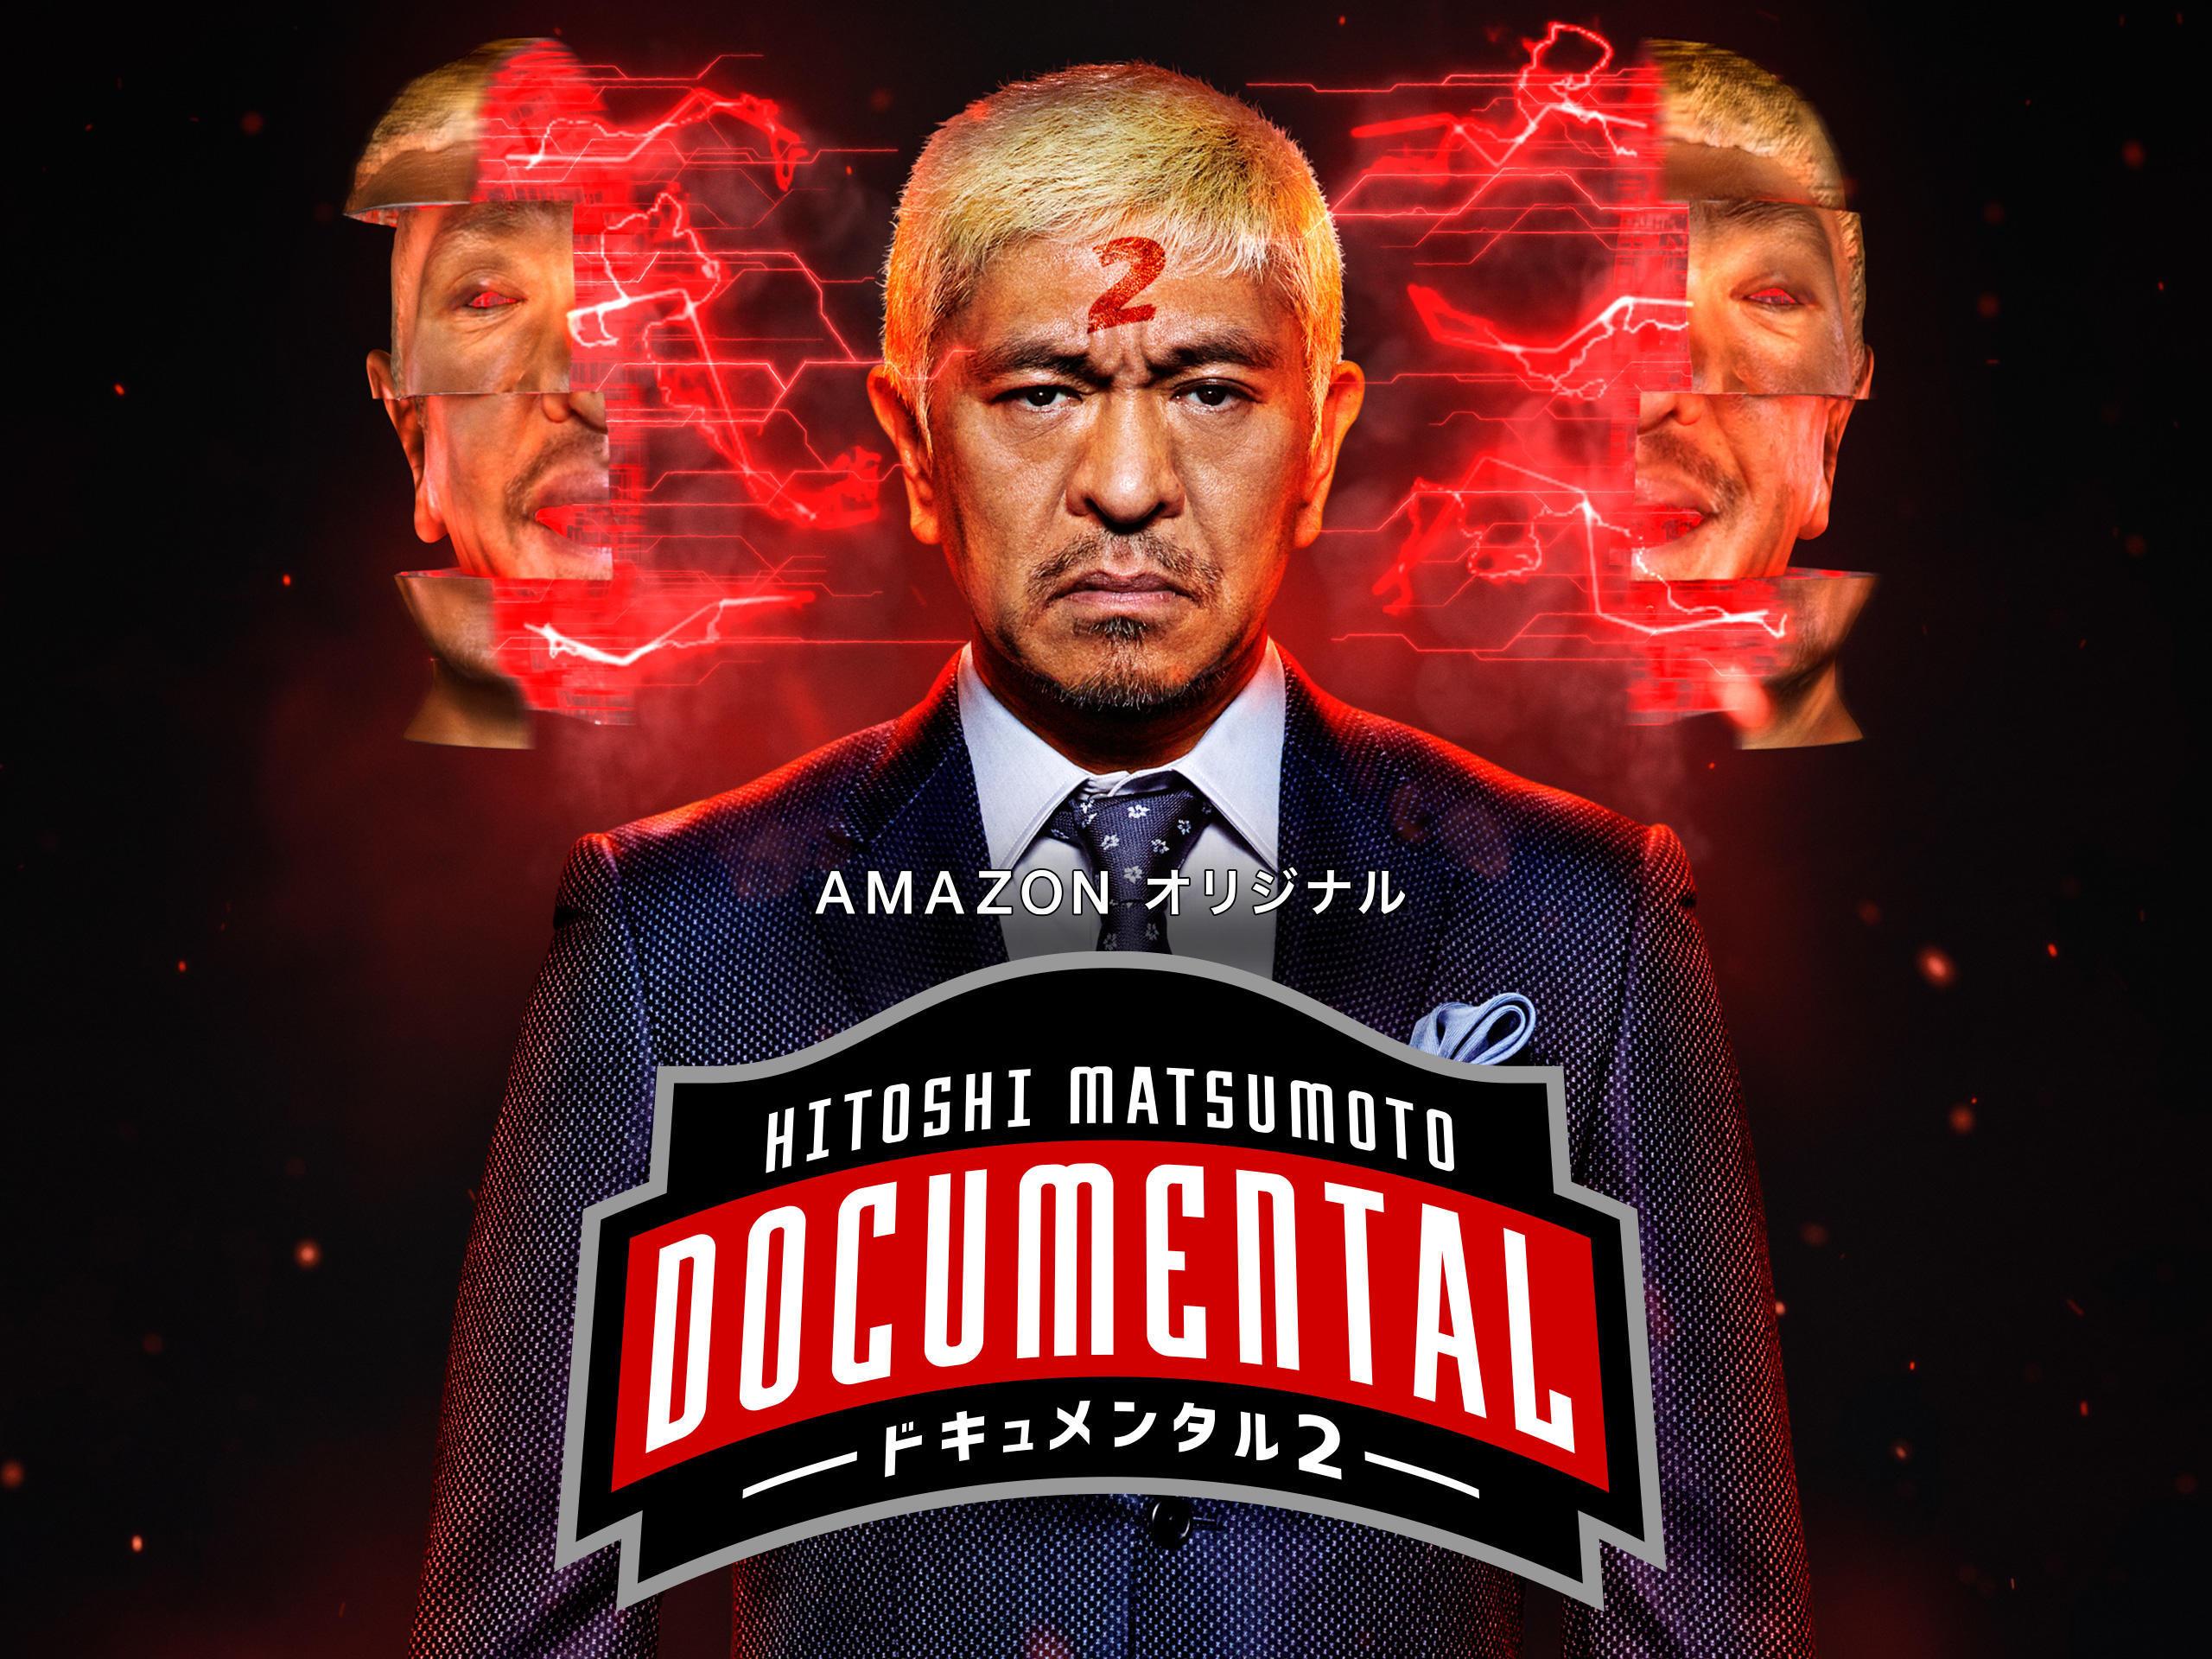 http://news.yoshimoto.co.jp/20170425073931-386c2dc48885ee2c218d65fa07174f26fc7afe78.jpg